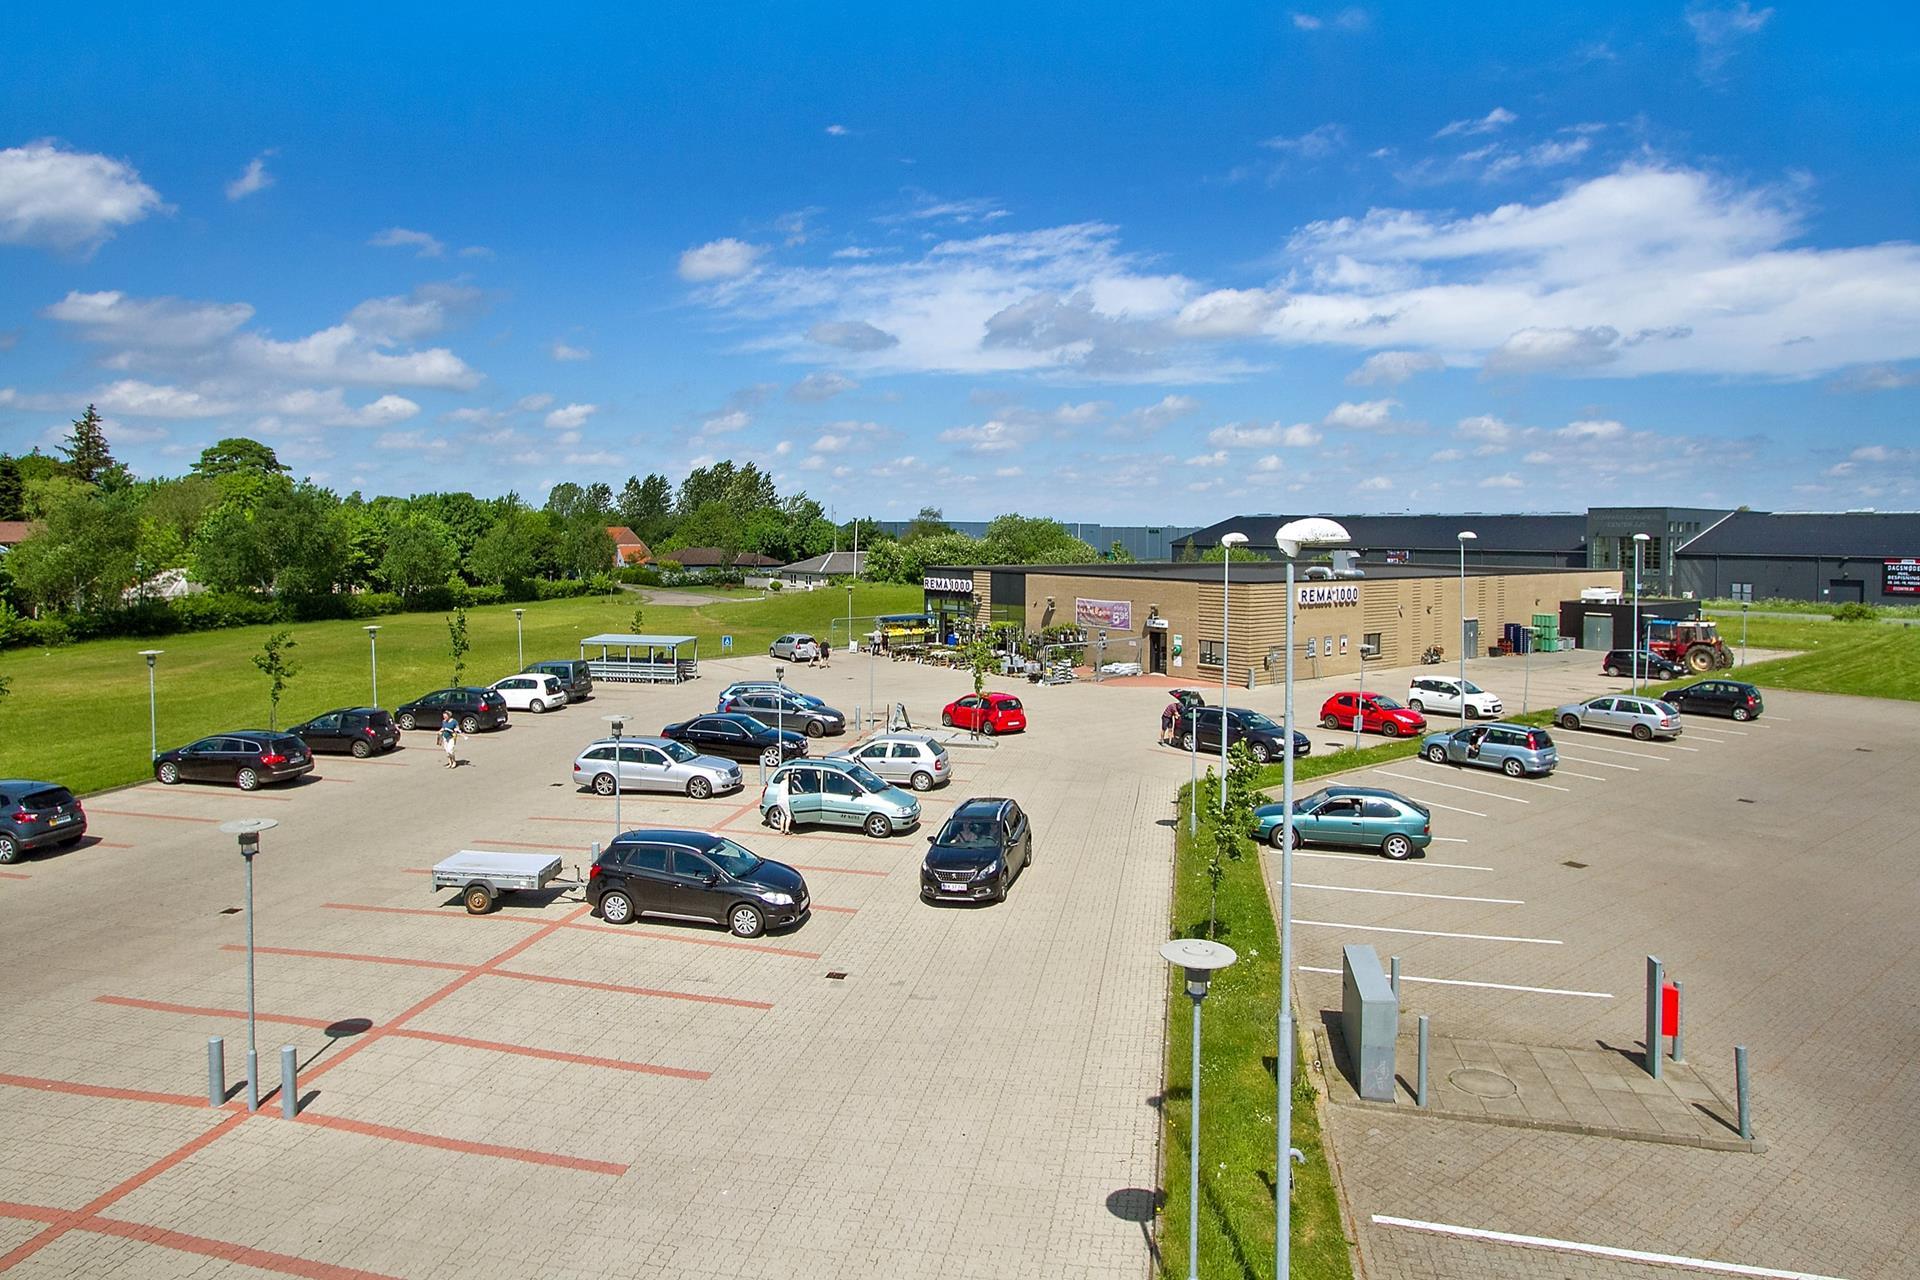 Bolig/erhverv på Østergade i Rødekro - Parkeringsareal